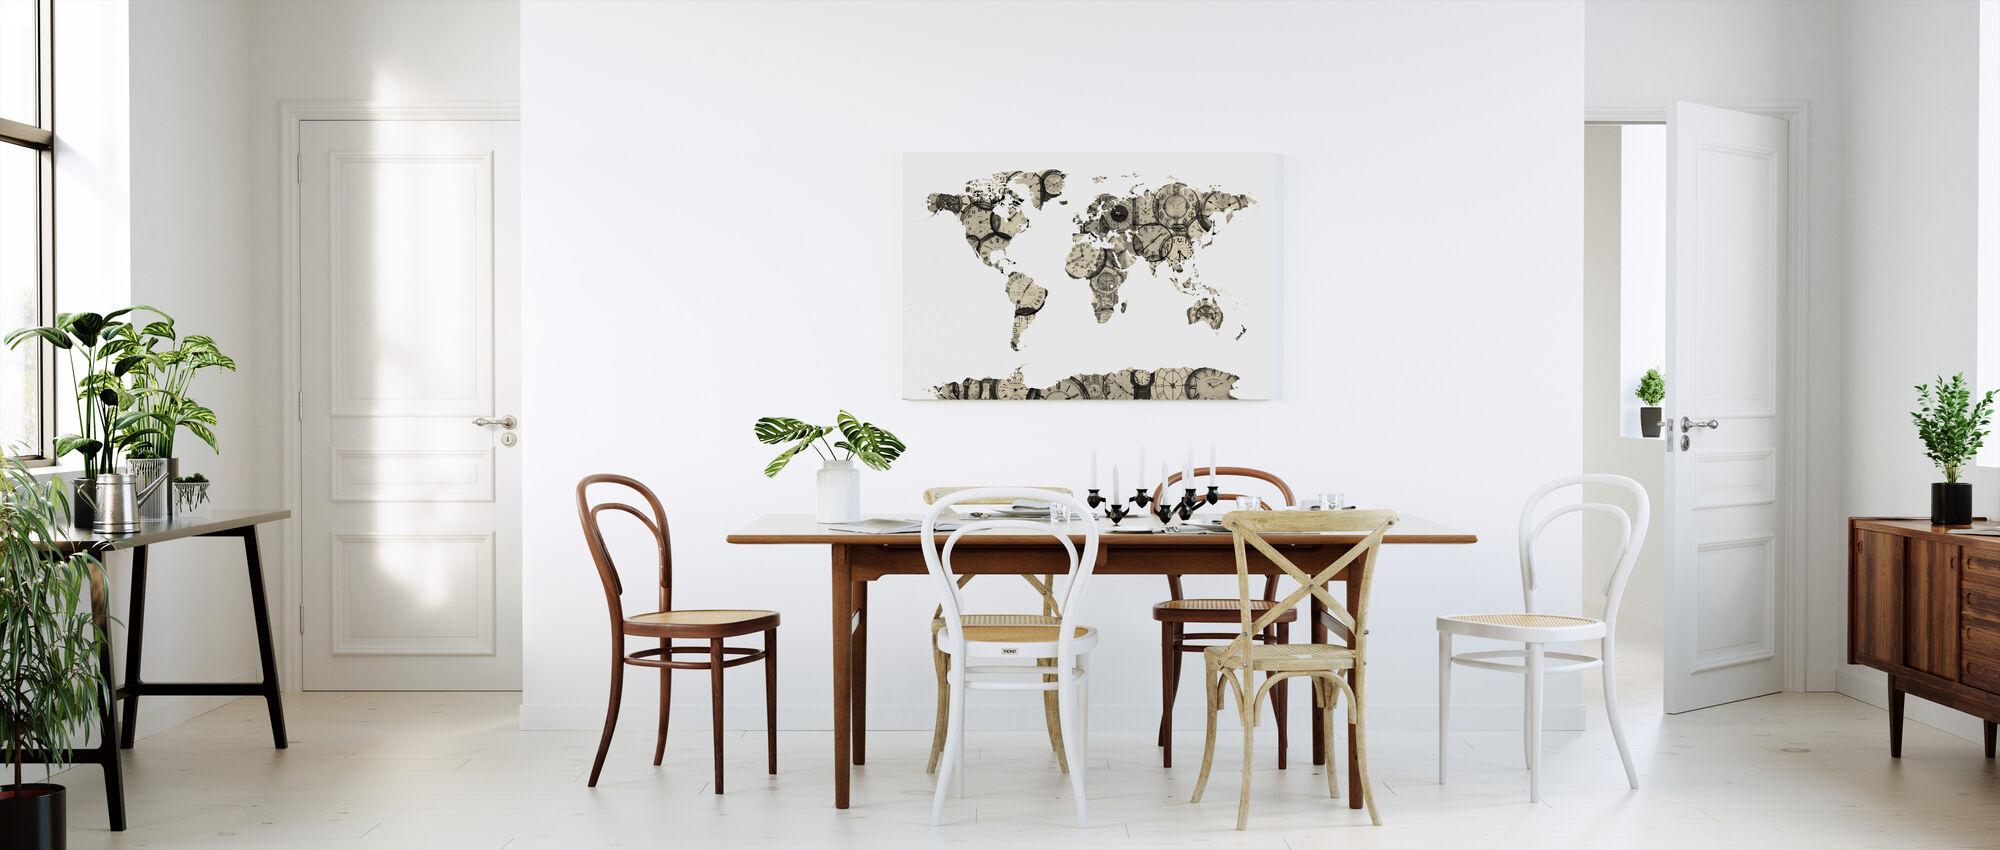 Old Clocks Carte du monde - Impression sur toile - Cuisine